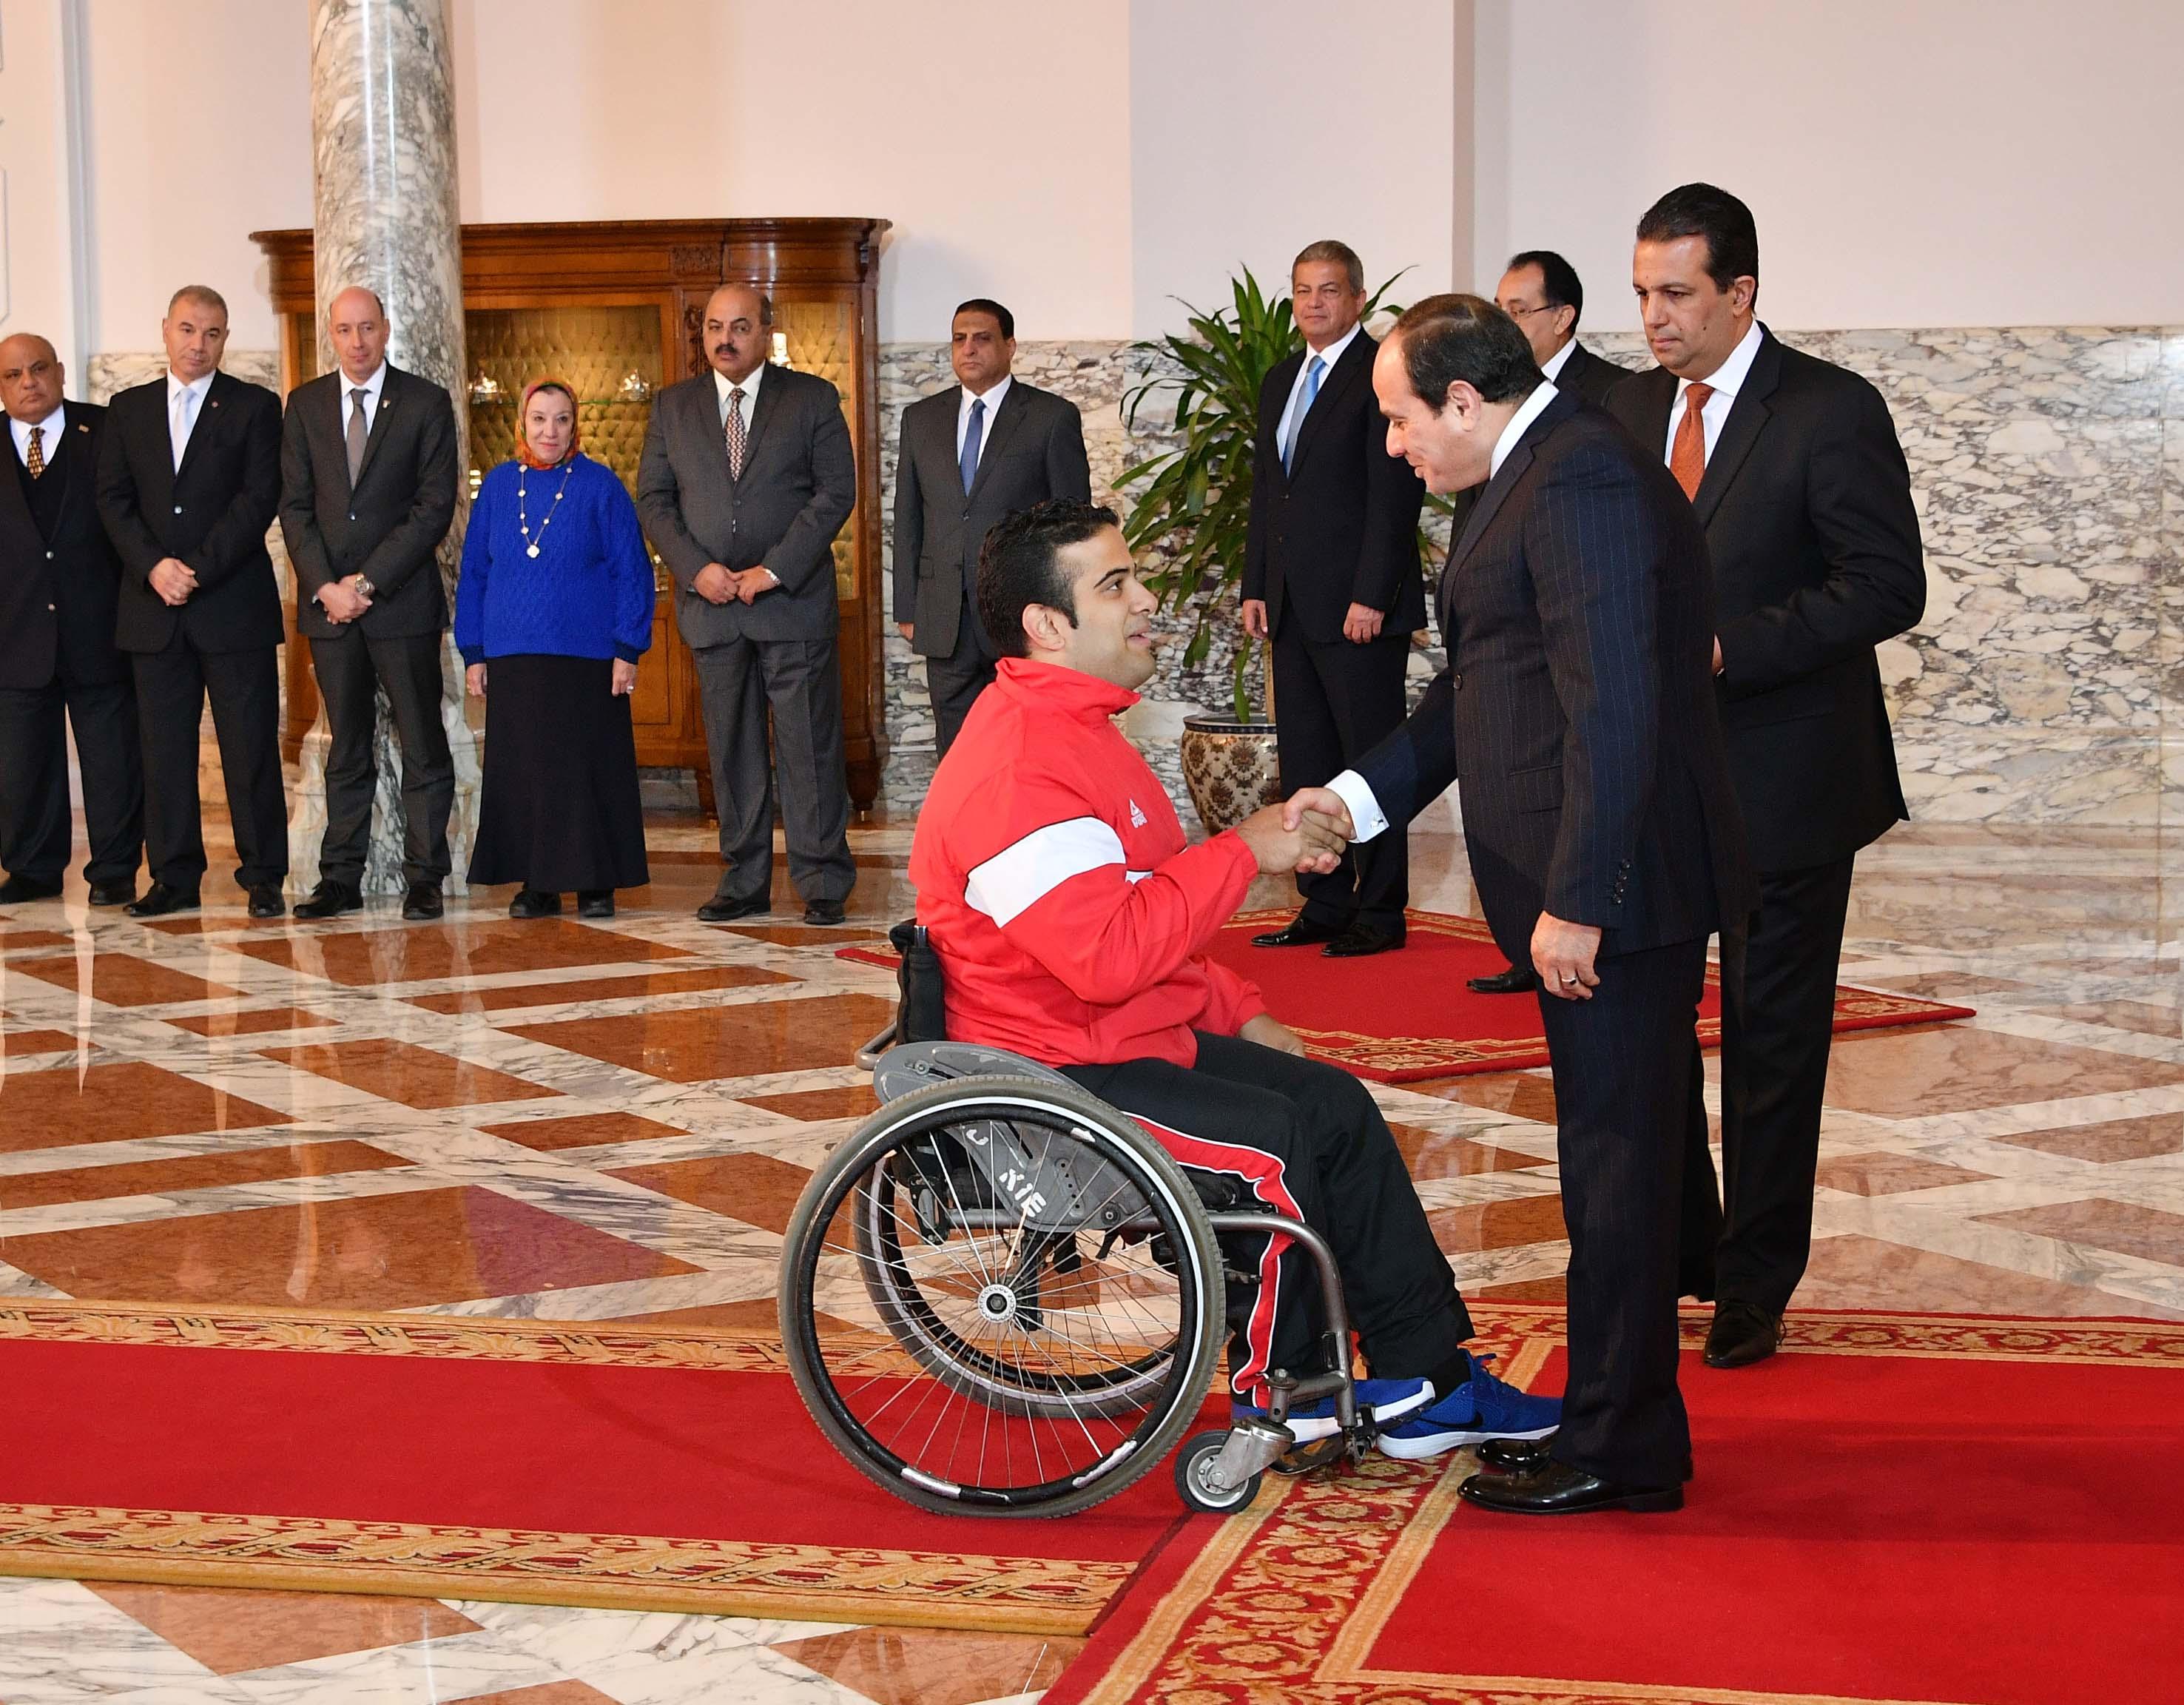 السيسى يمنح أوسمة الجمهورية للأبطال الرياضيين  (2)